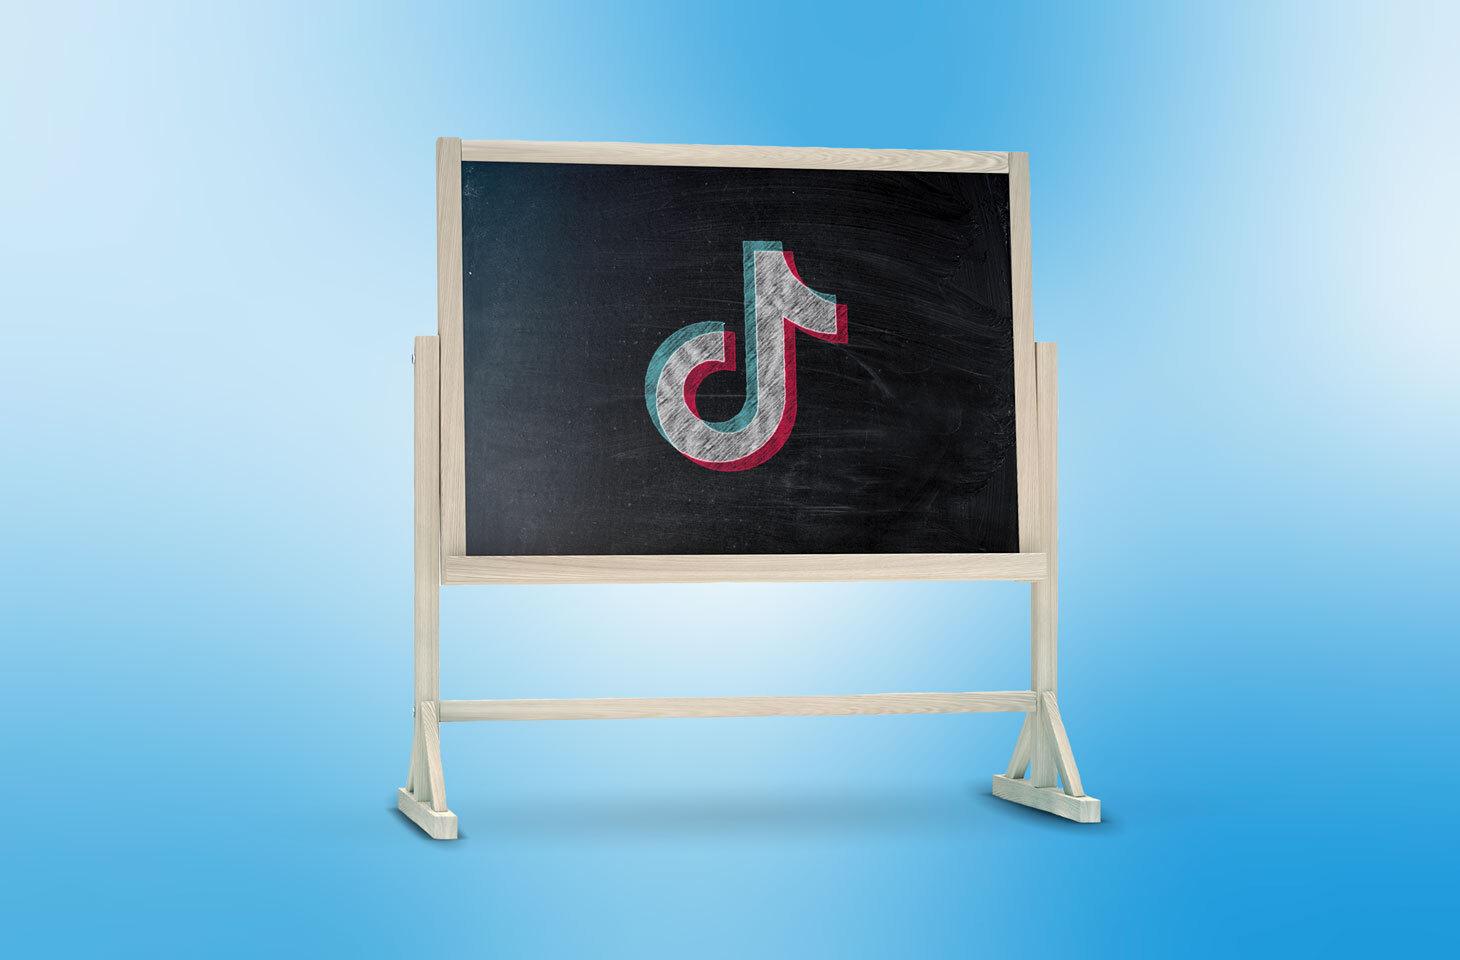 TikTok può contribuire all'istruzione di bambini e ragazzi. Ecco come